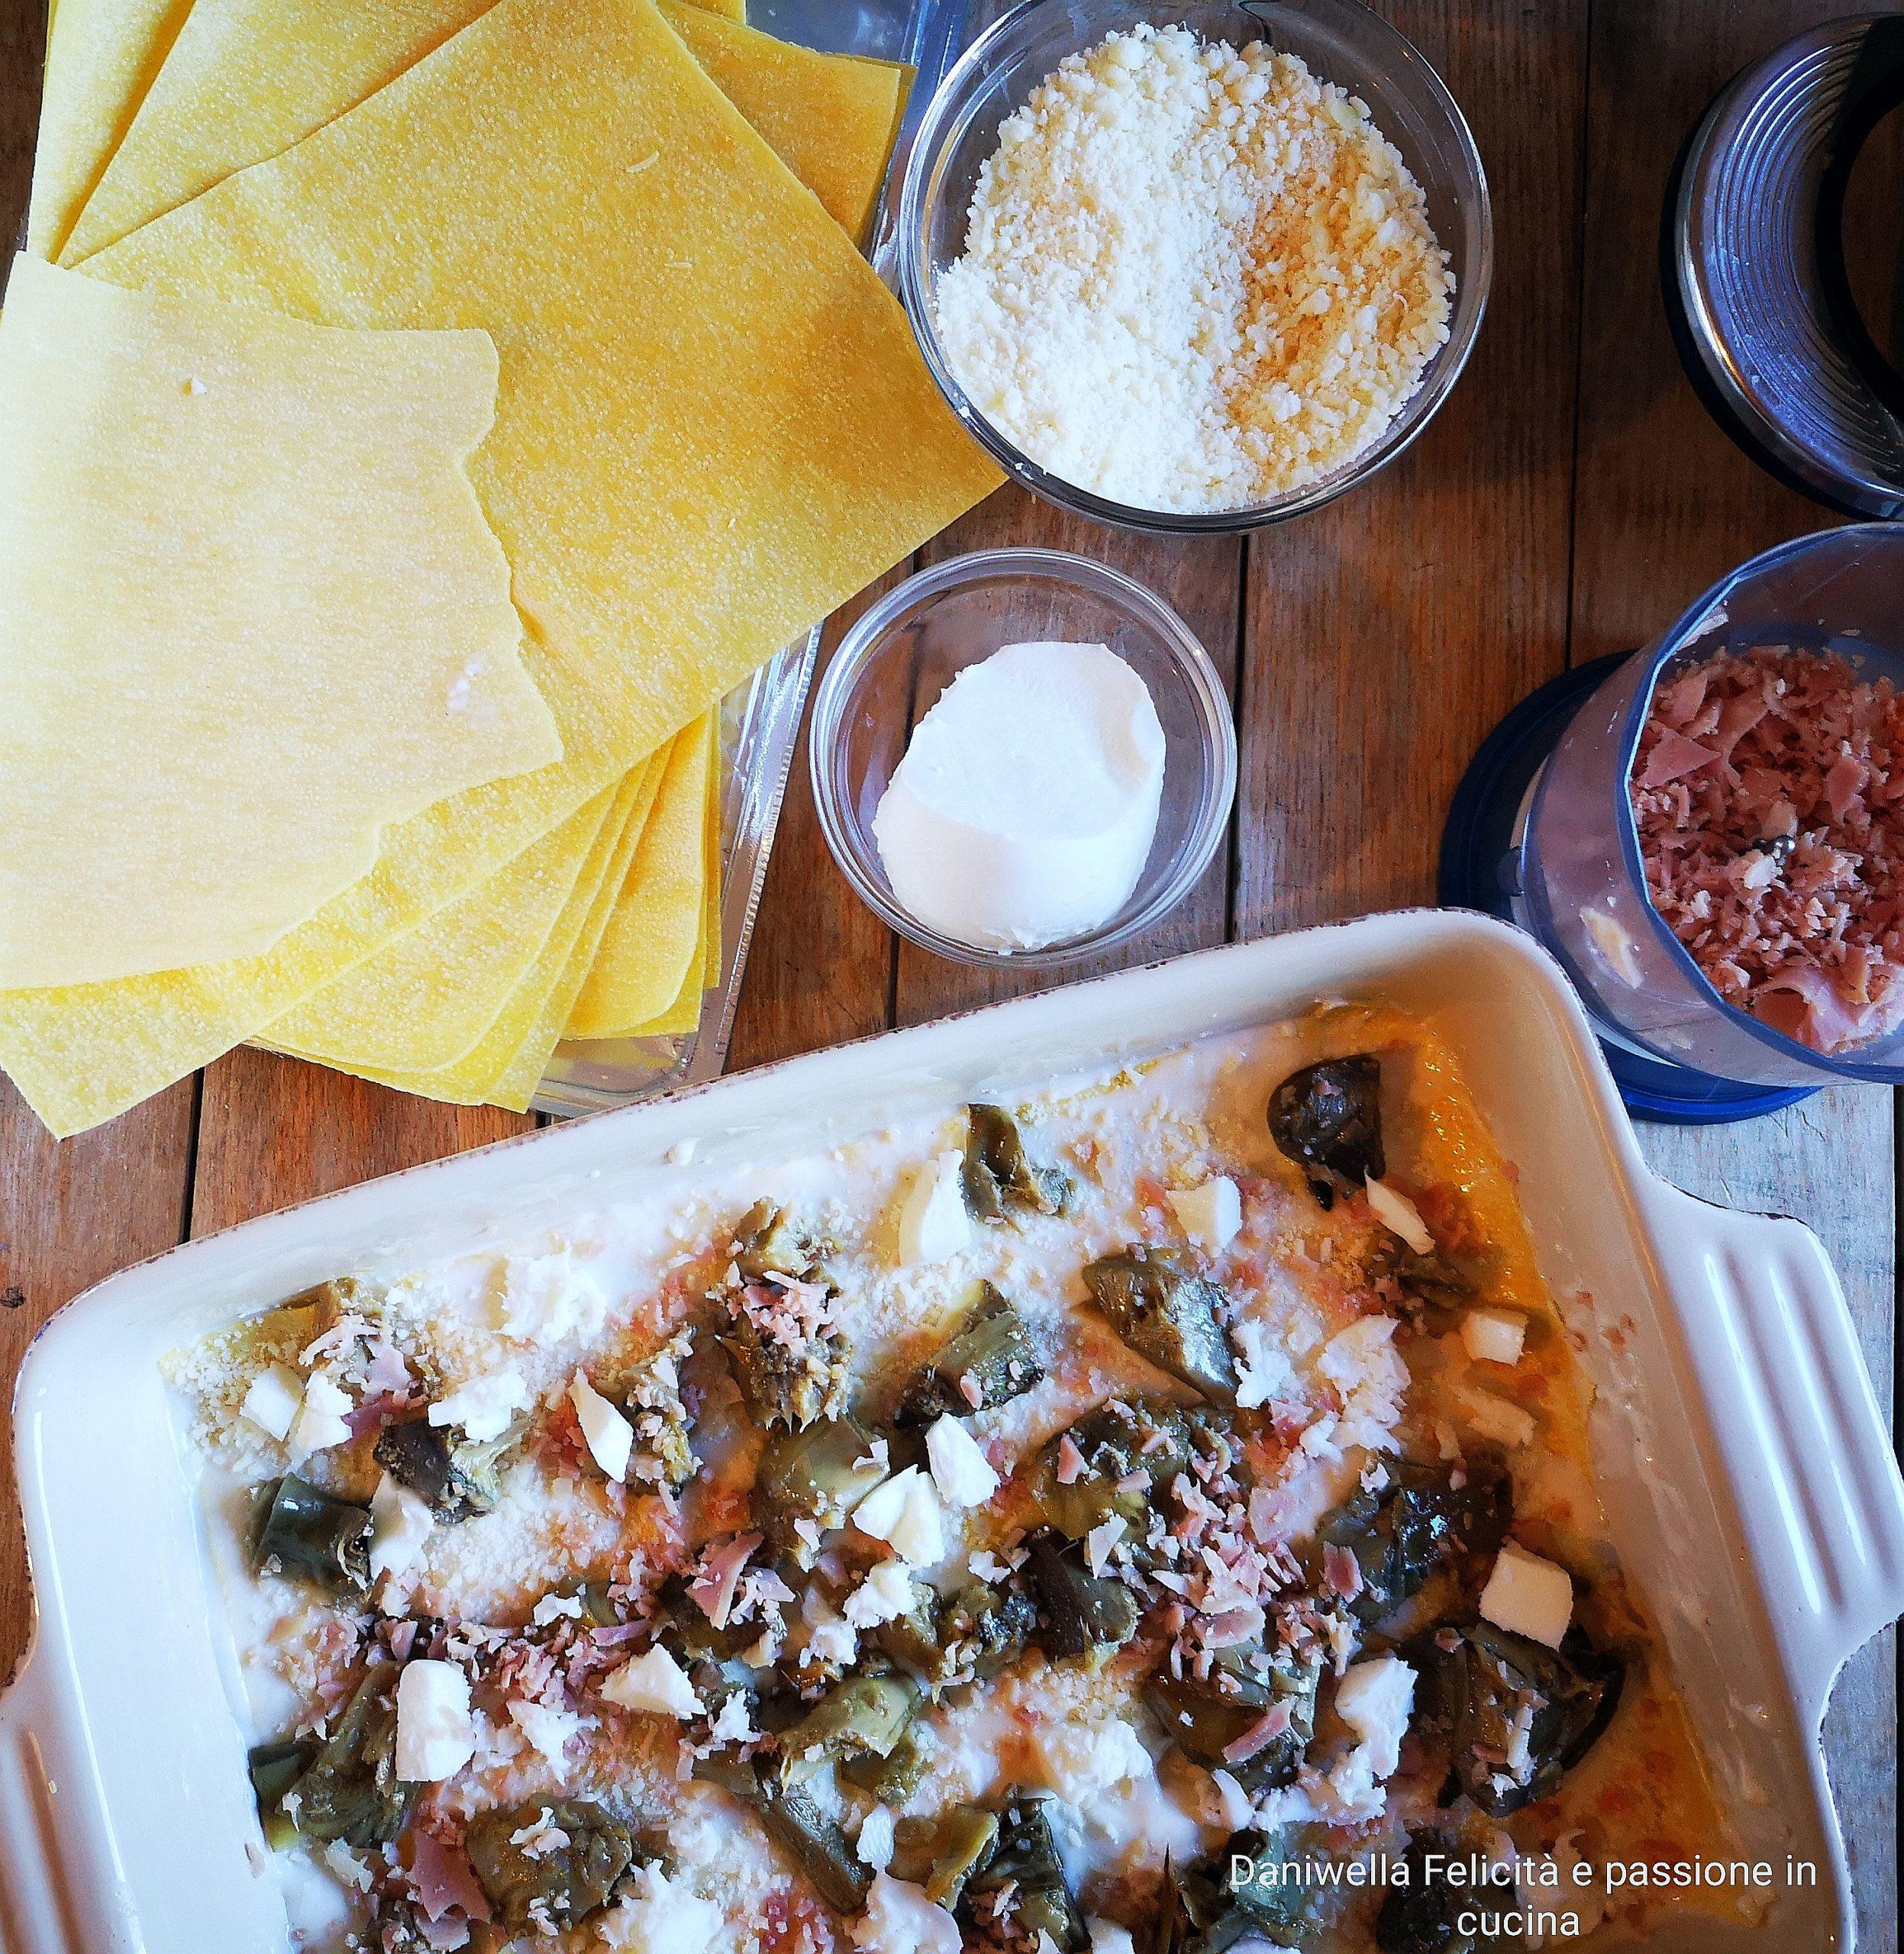 Cominciate alternando carciofi, mozzarella, prosciutto cotto e grana padano grattugiato. Ricominciate con il secondo strato alternando nuovamente la besciamella e il ripieno e così via con gli altri strati.